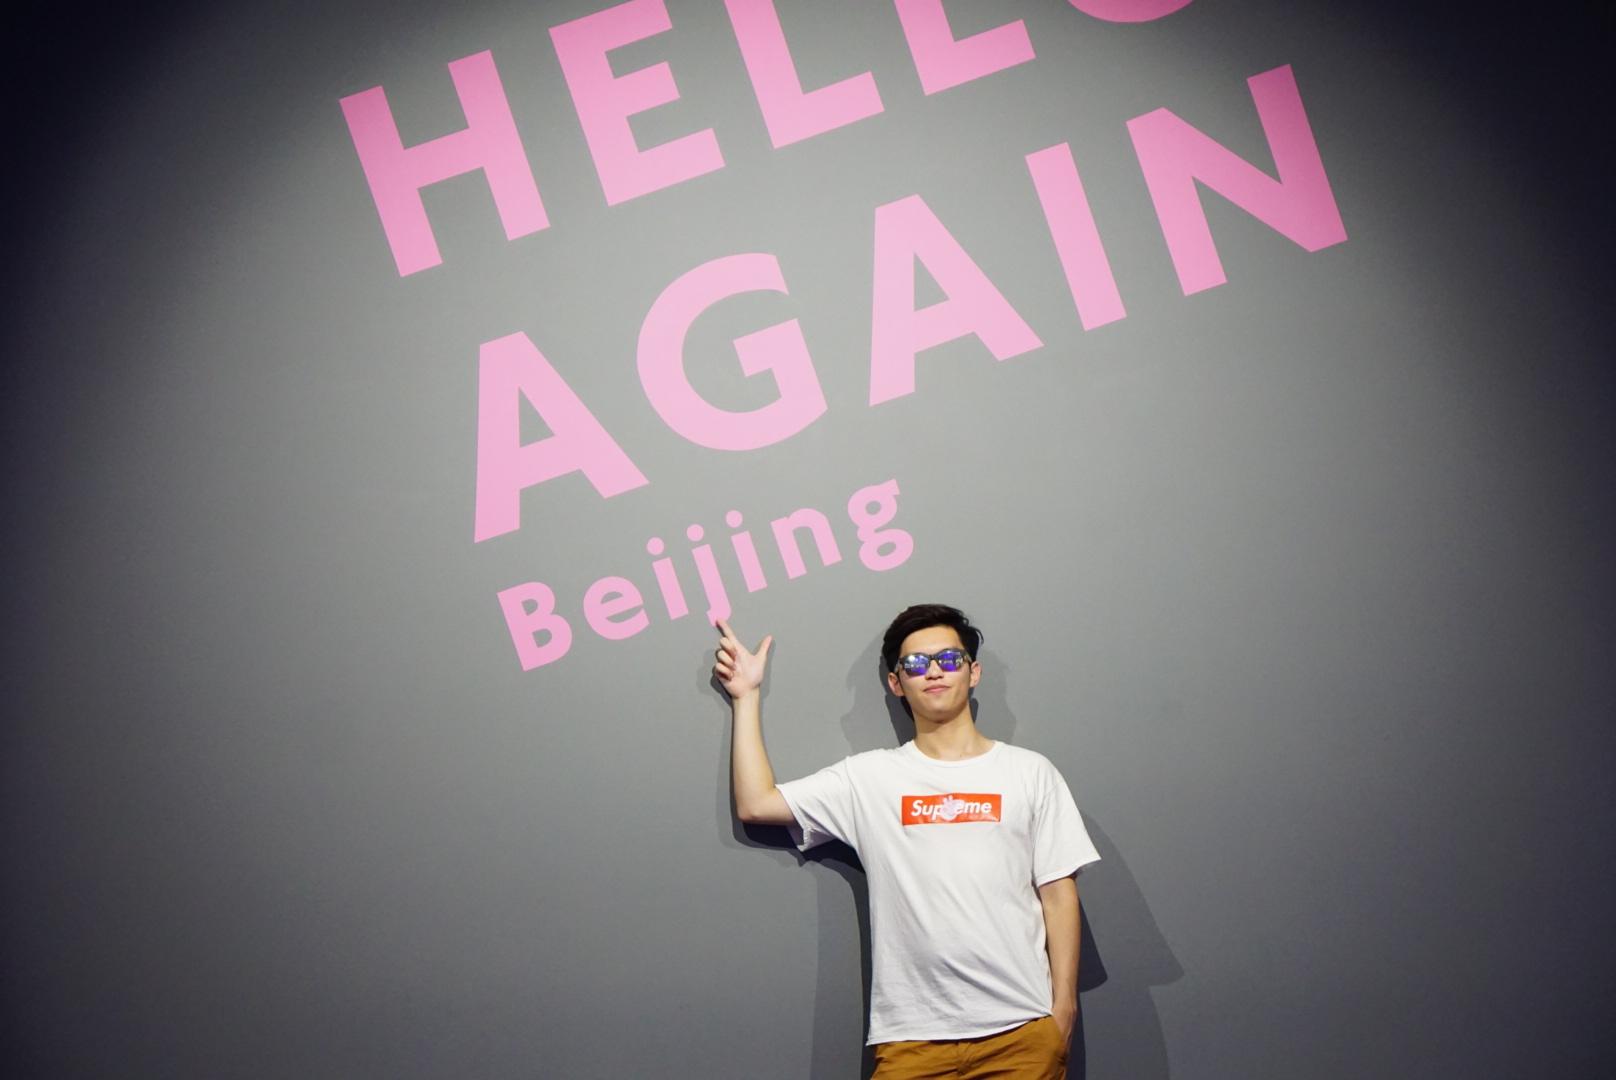 參觀北京Paul Smith展覽 (相片由受訪者提供)